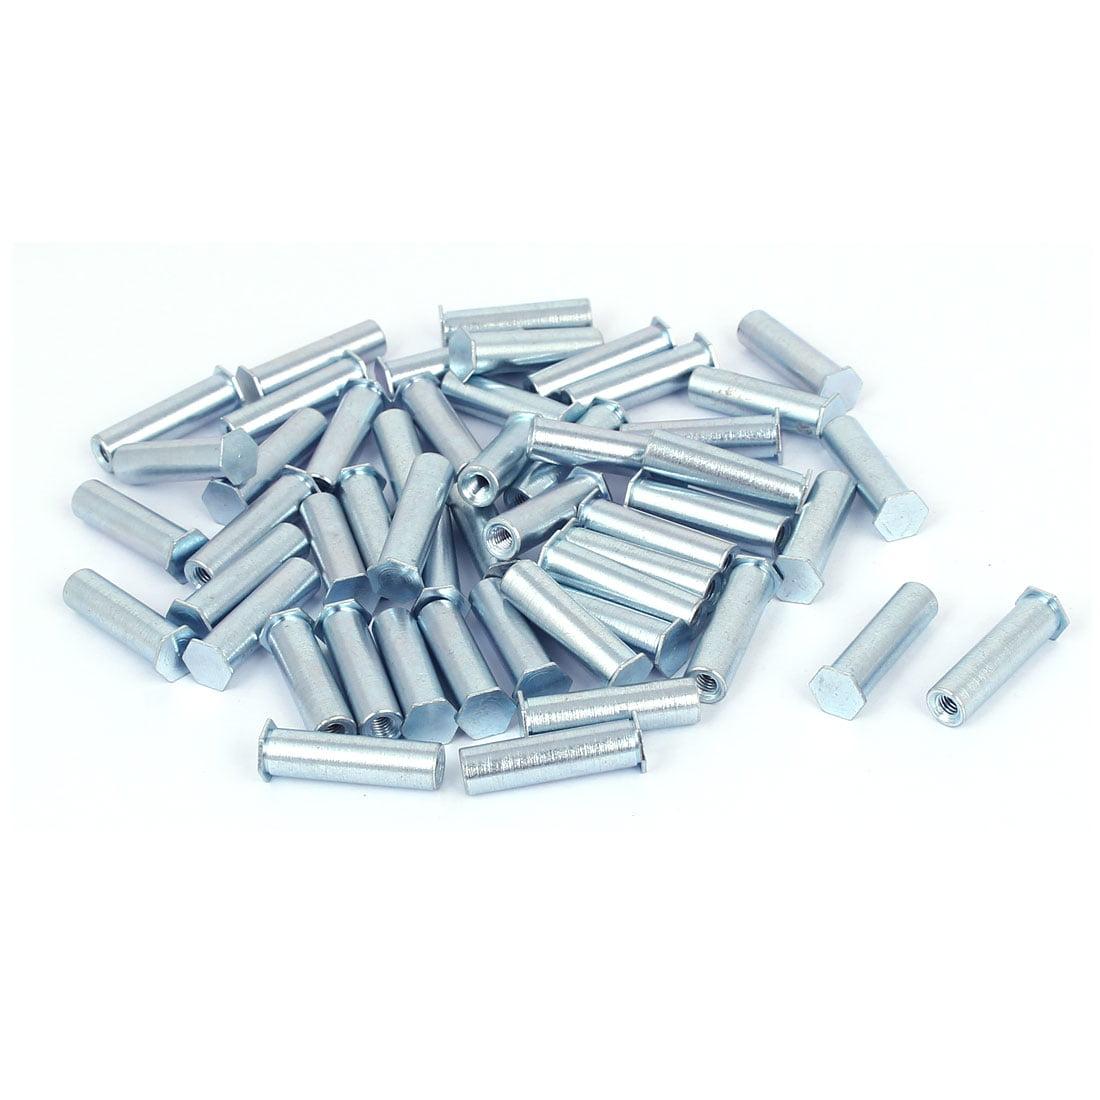 Unique Bargains M3x20mm Blind Hole Zinc Plated Carbon Steel Self Clinching Standoff 50pcs